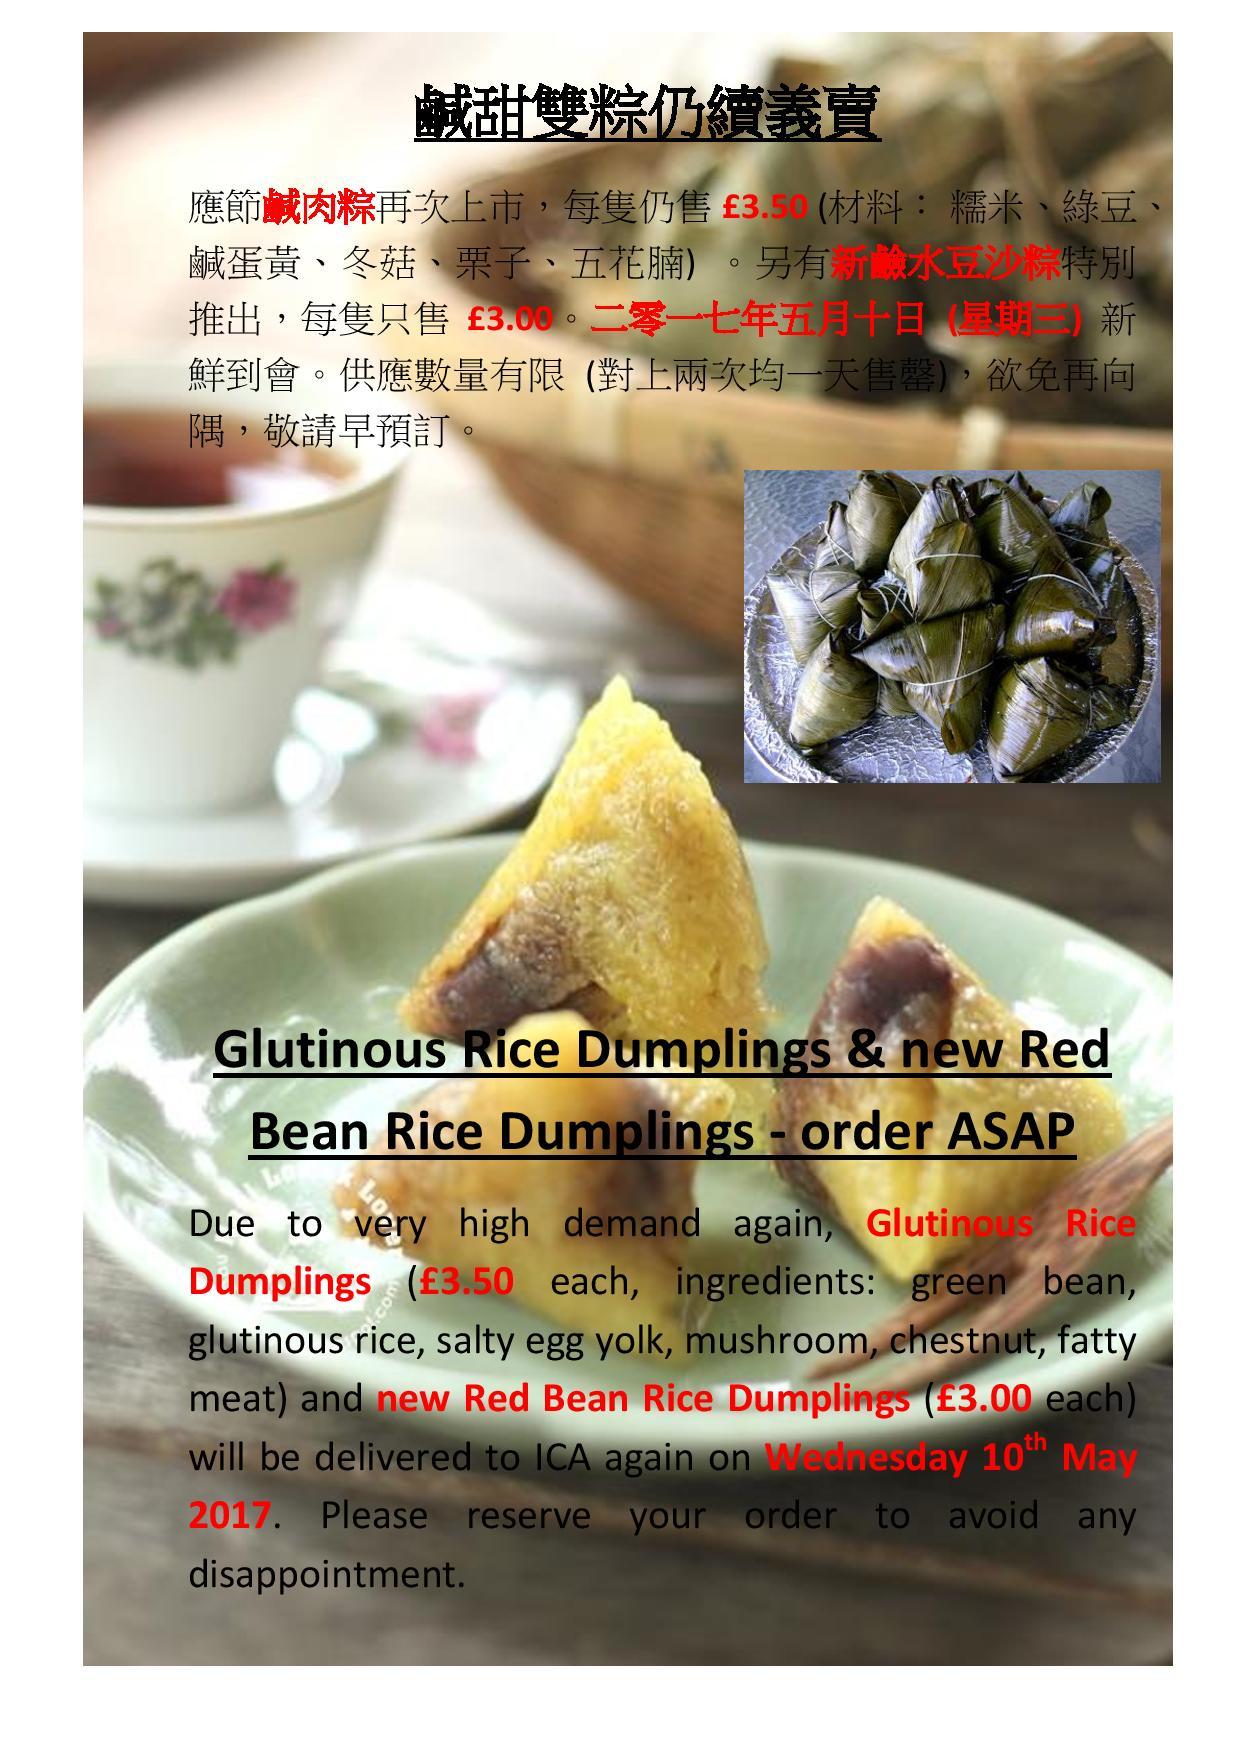 Glutinous Rice Dumplings 5.2017